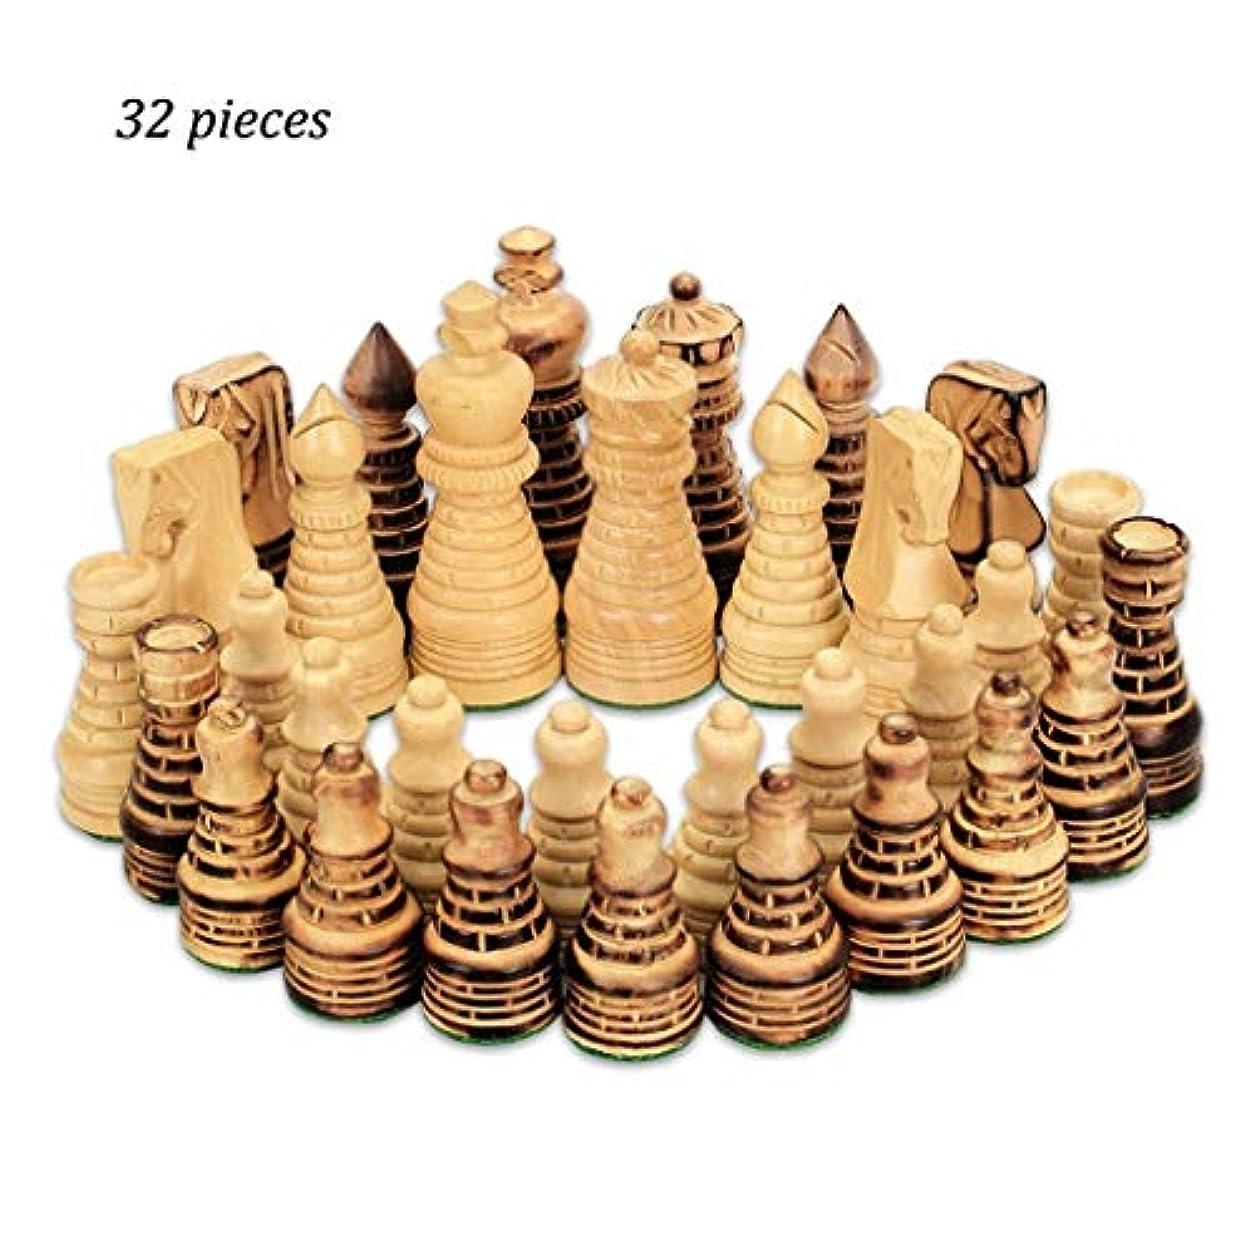 電話判読できないアドバイスチェス 子供知的開発学習玩具ウッドチェスチェッカークリエイティブベージュ&ブラウン木製チェス32個チェッカーチェス チェス (Color : WOOD)